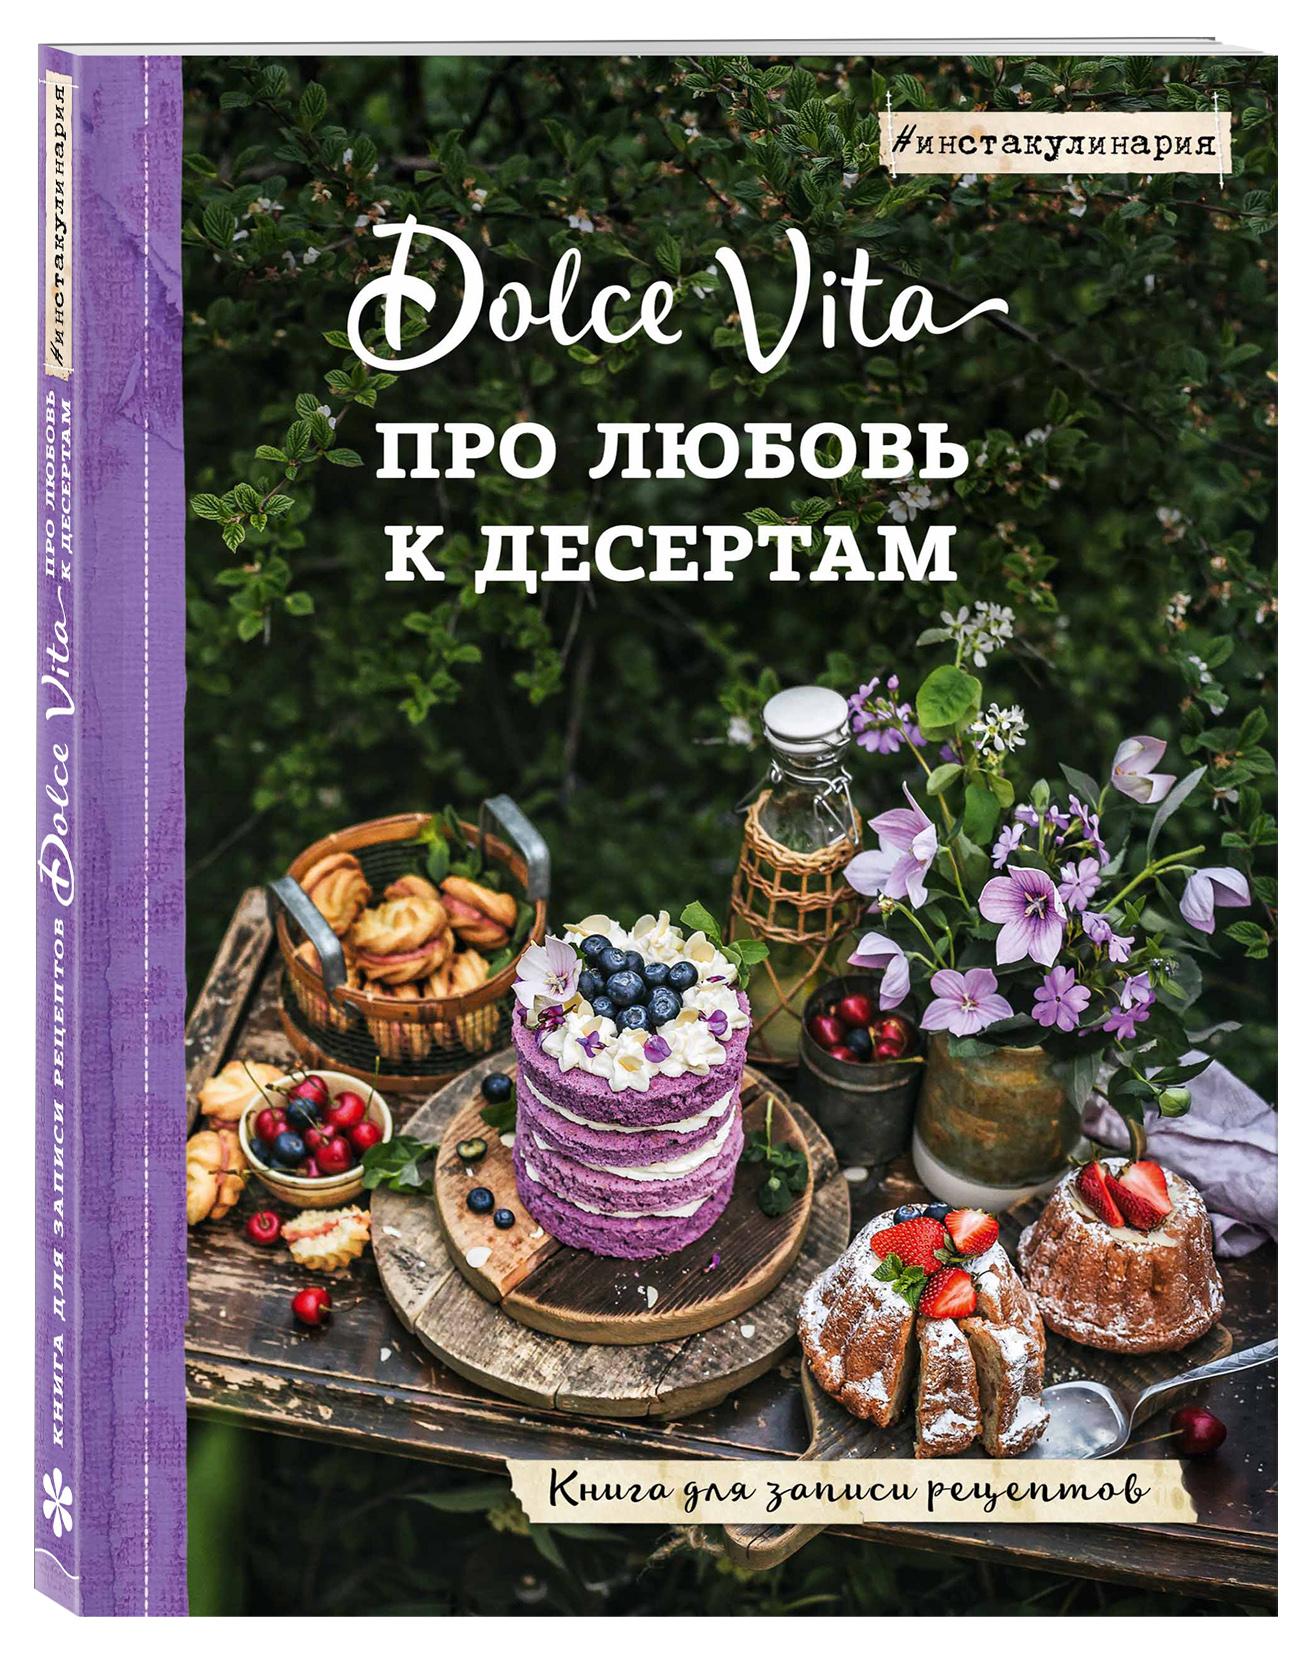 Андрей Тульский Про любовь к десертам. Dolce vita. записи